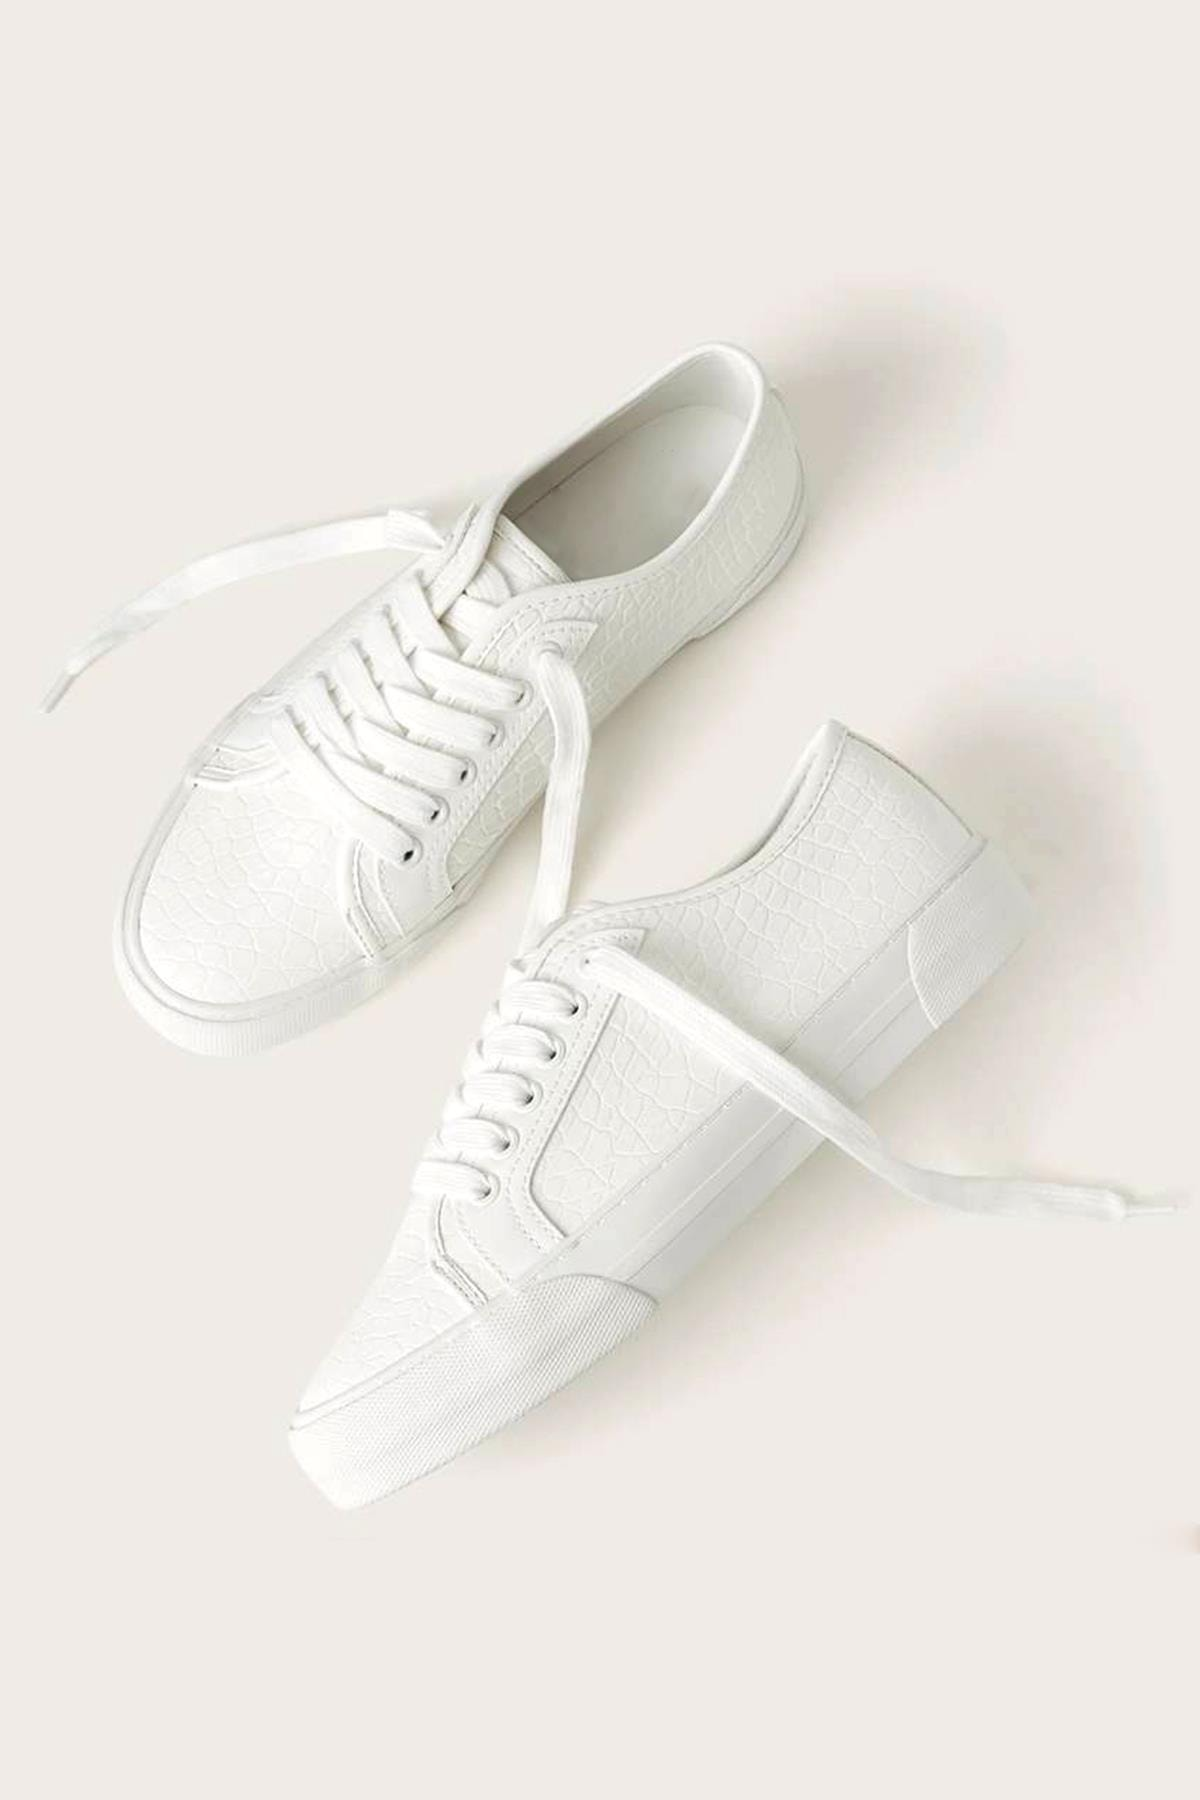 LETOON 2135 Kadın Günlük Spor Ayakkabı 1